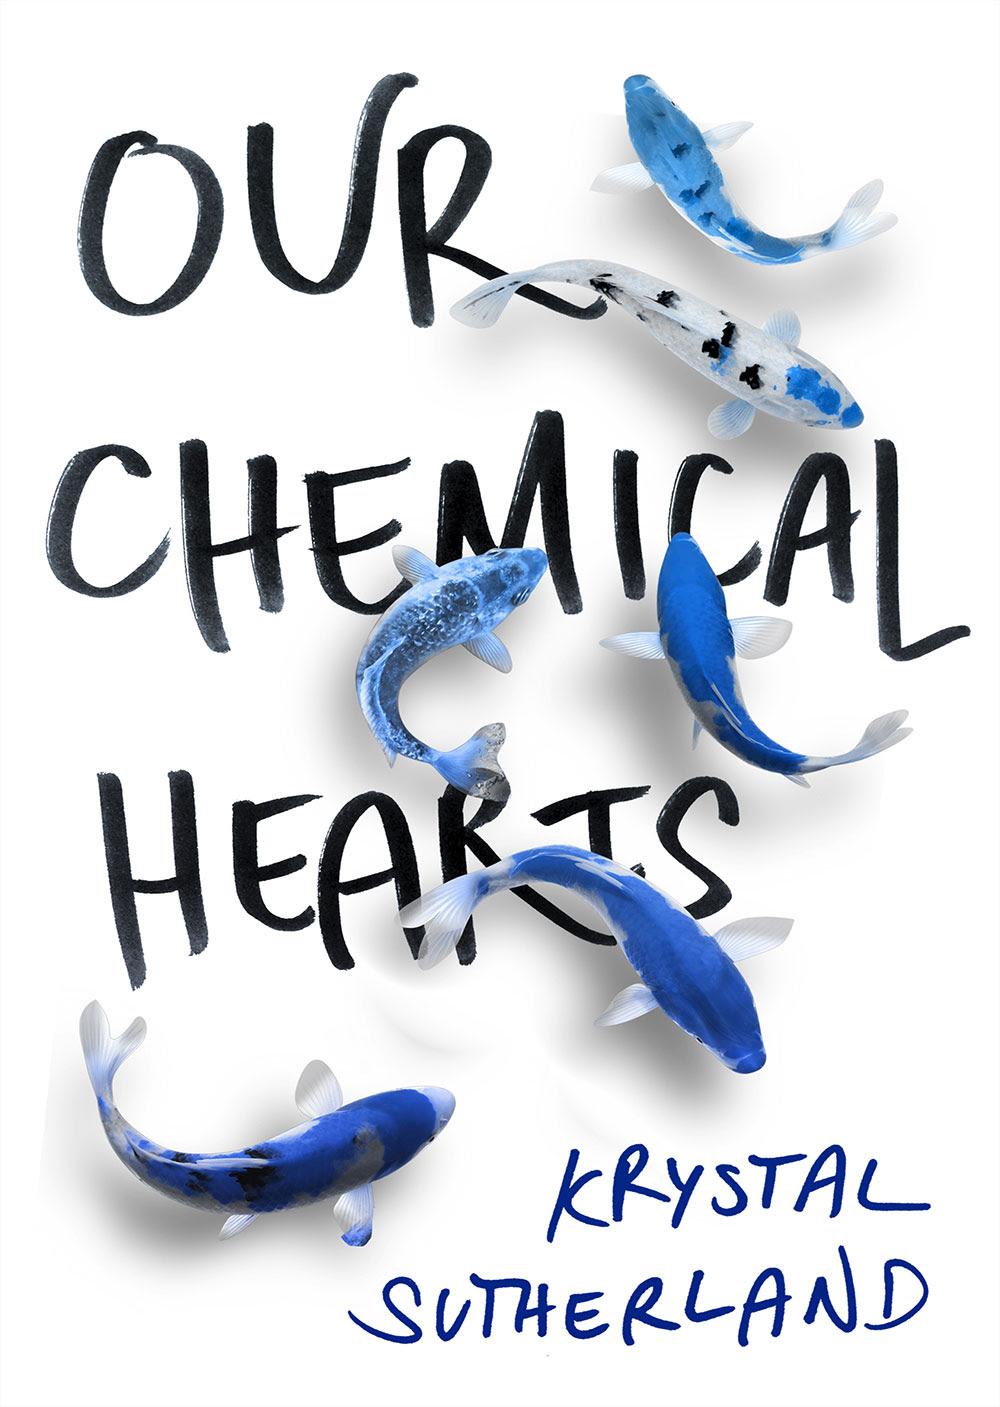 I nostri cuori chimici